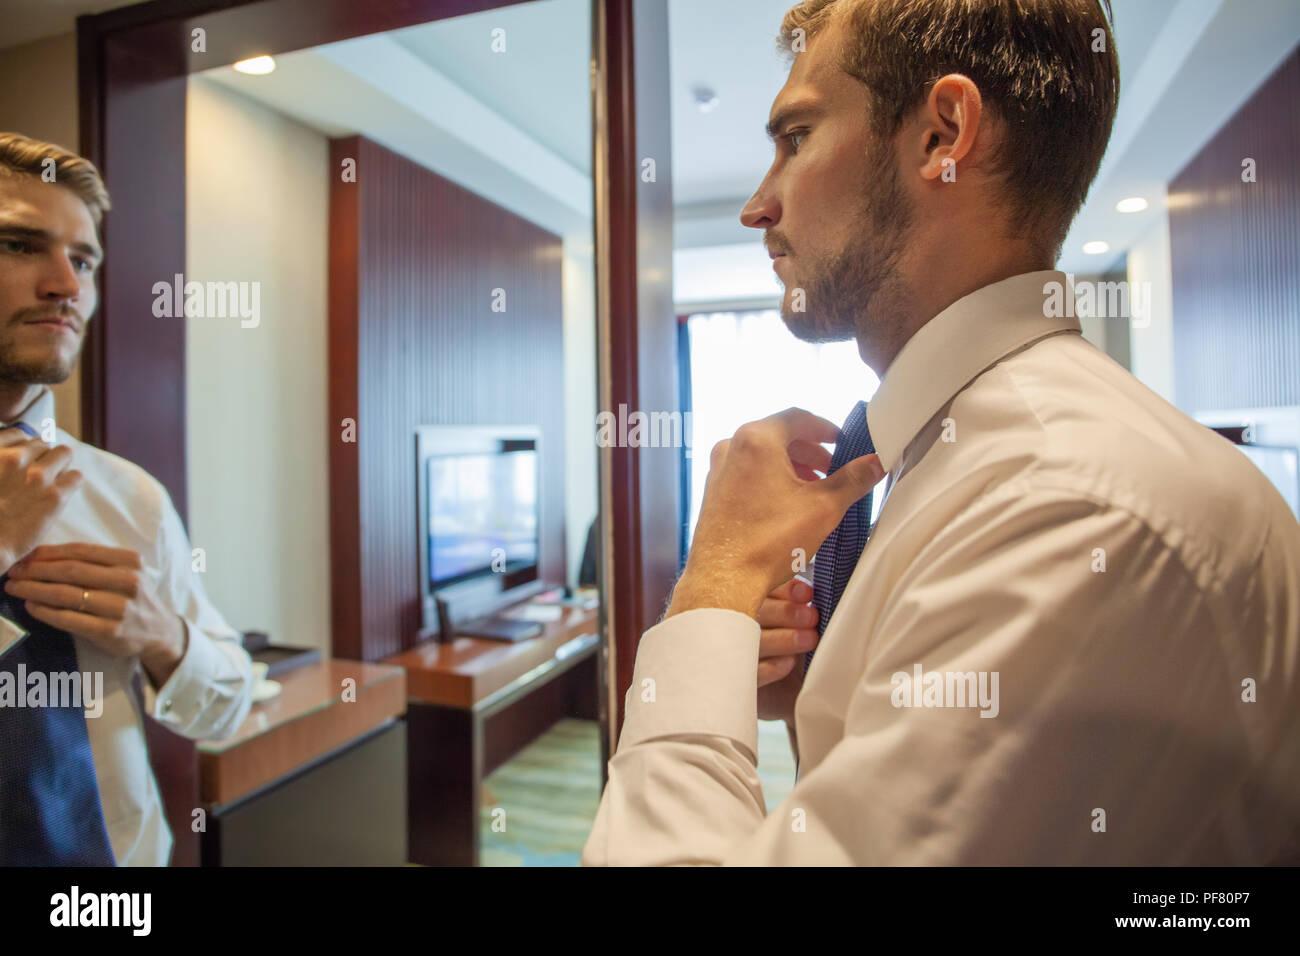 Les personnes, entreprises,la mode et l'habillement concept - close up de l'homme en s'habillant avec chemise et cravate de réglage sur le cou à la maison. Photo Stock